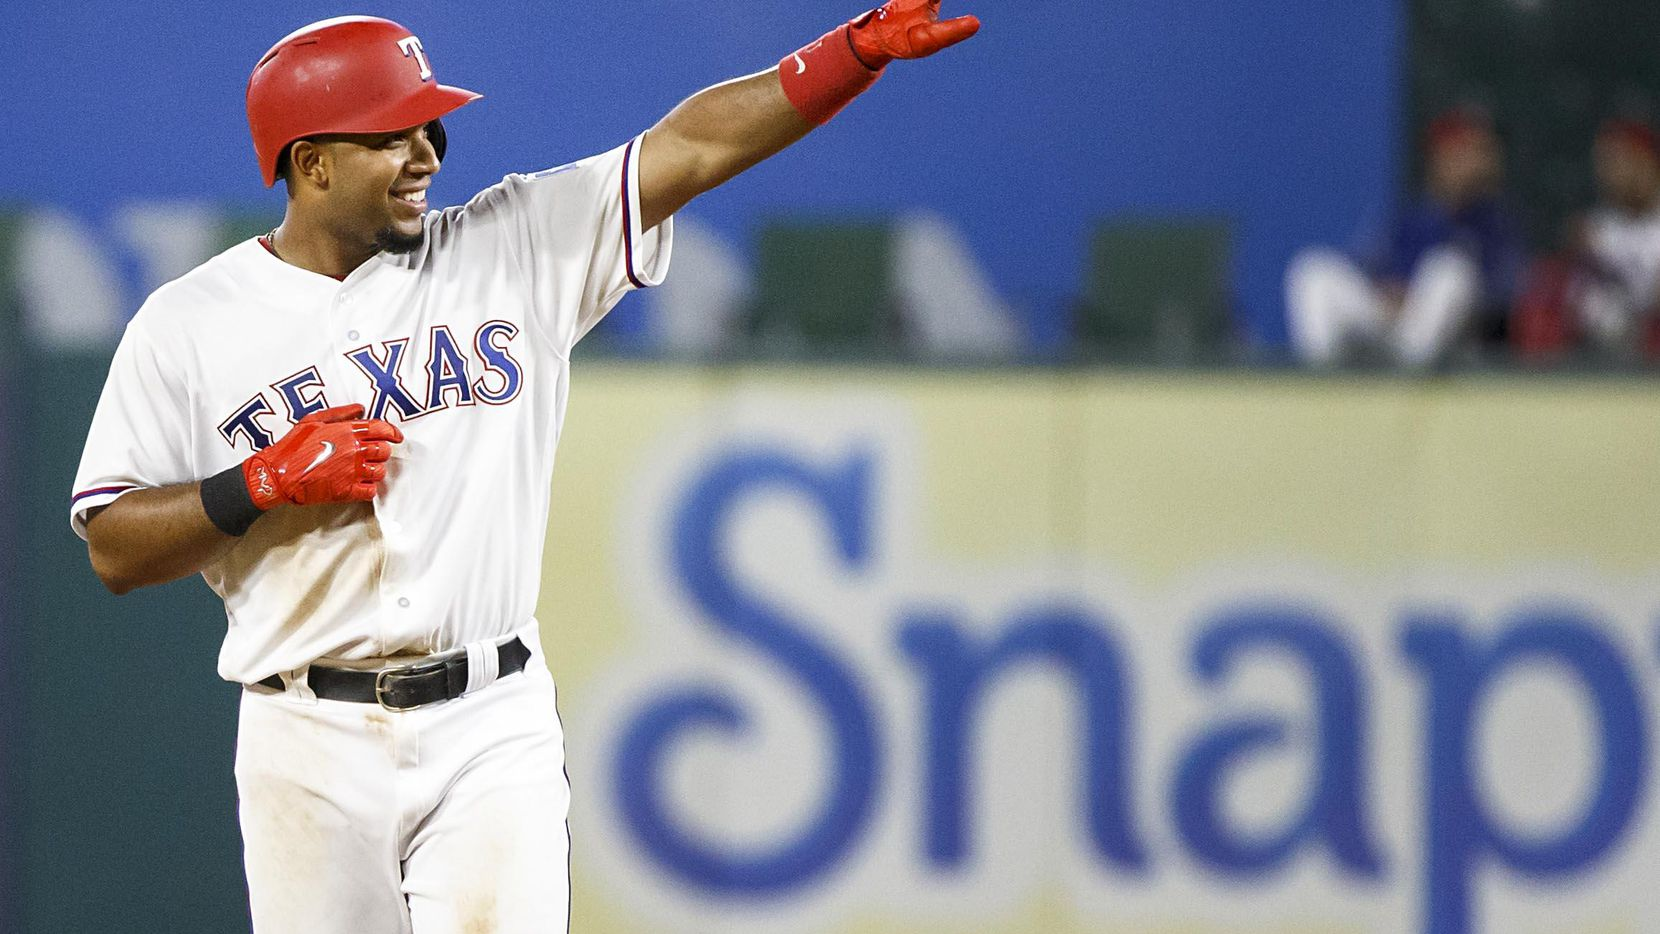 Elvis Andrus espera su primer hijo para las primeras semanas de julio, fecha que podría coincidir con el Juego de las Estrellas de MLB.(Smiley N. Pool)